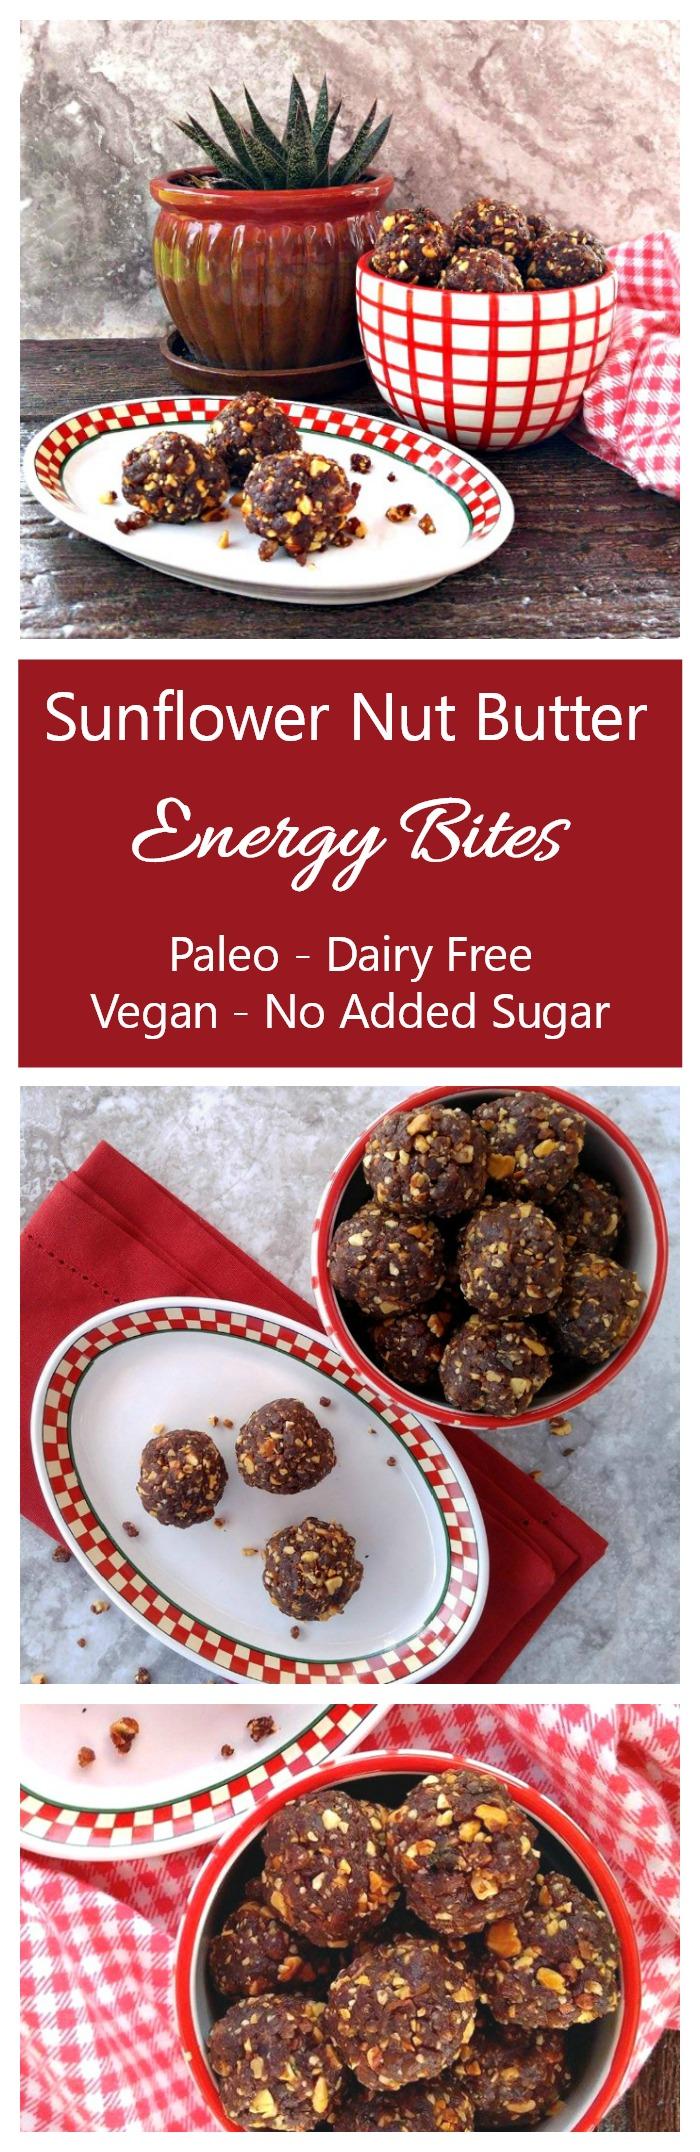 Sunflower Nut Butter Energy Bites